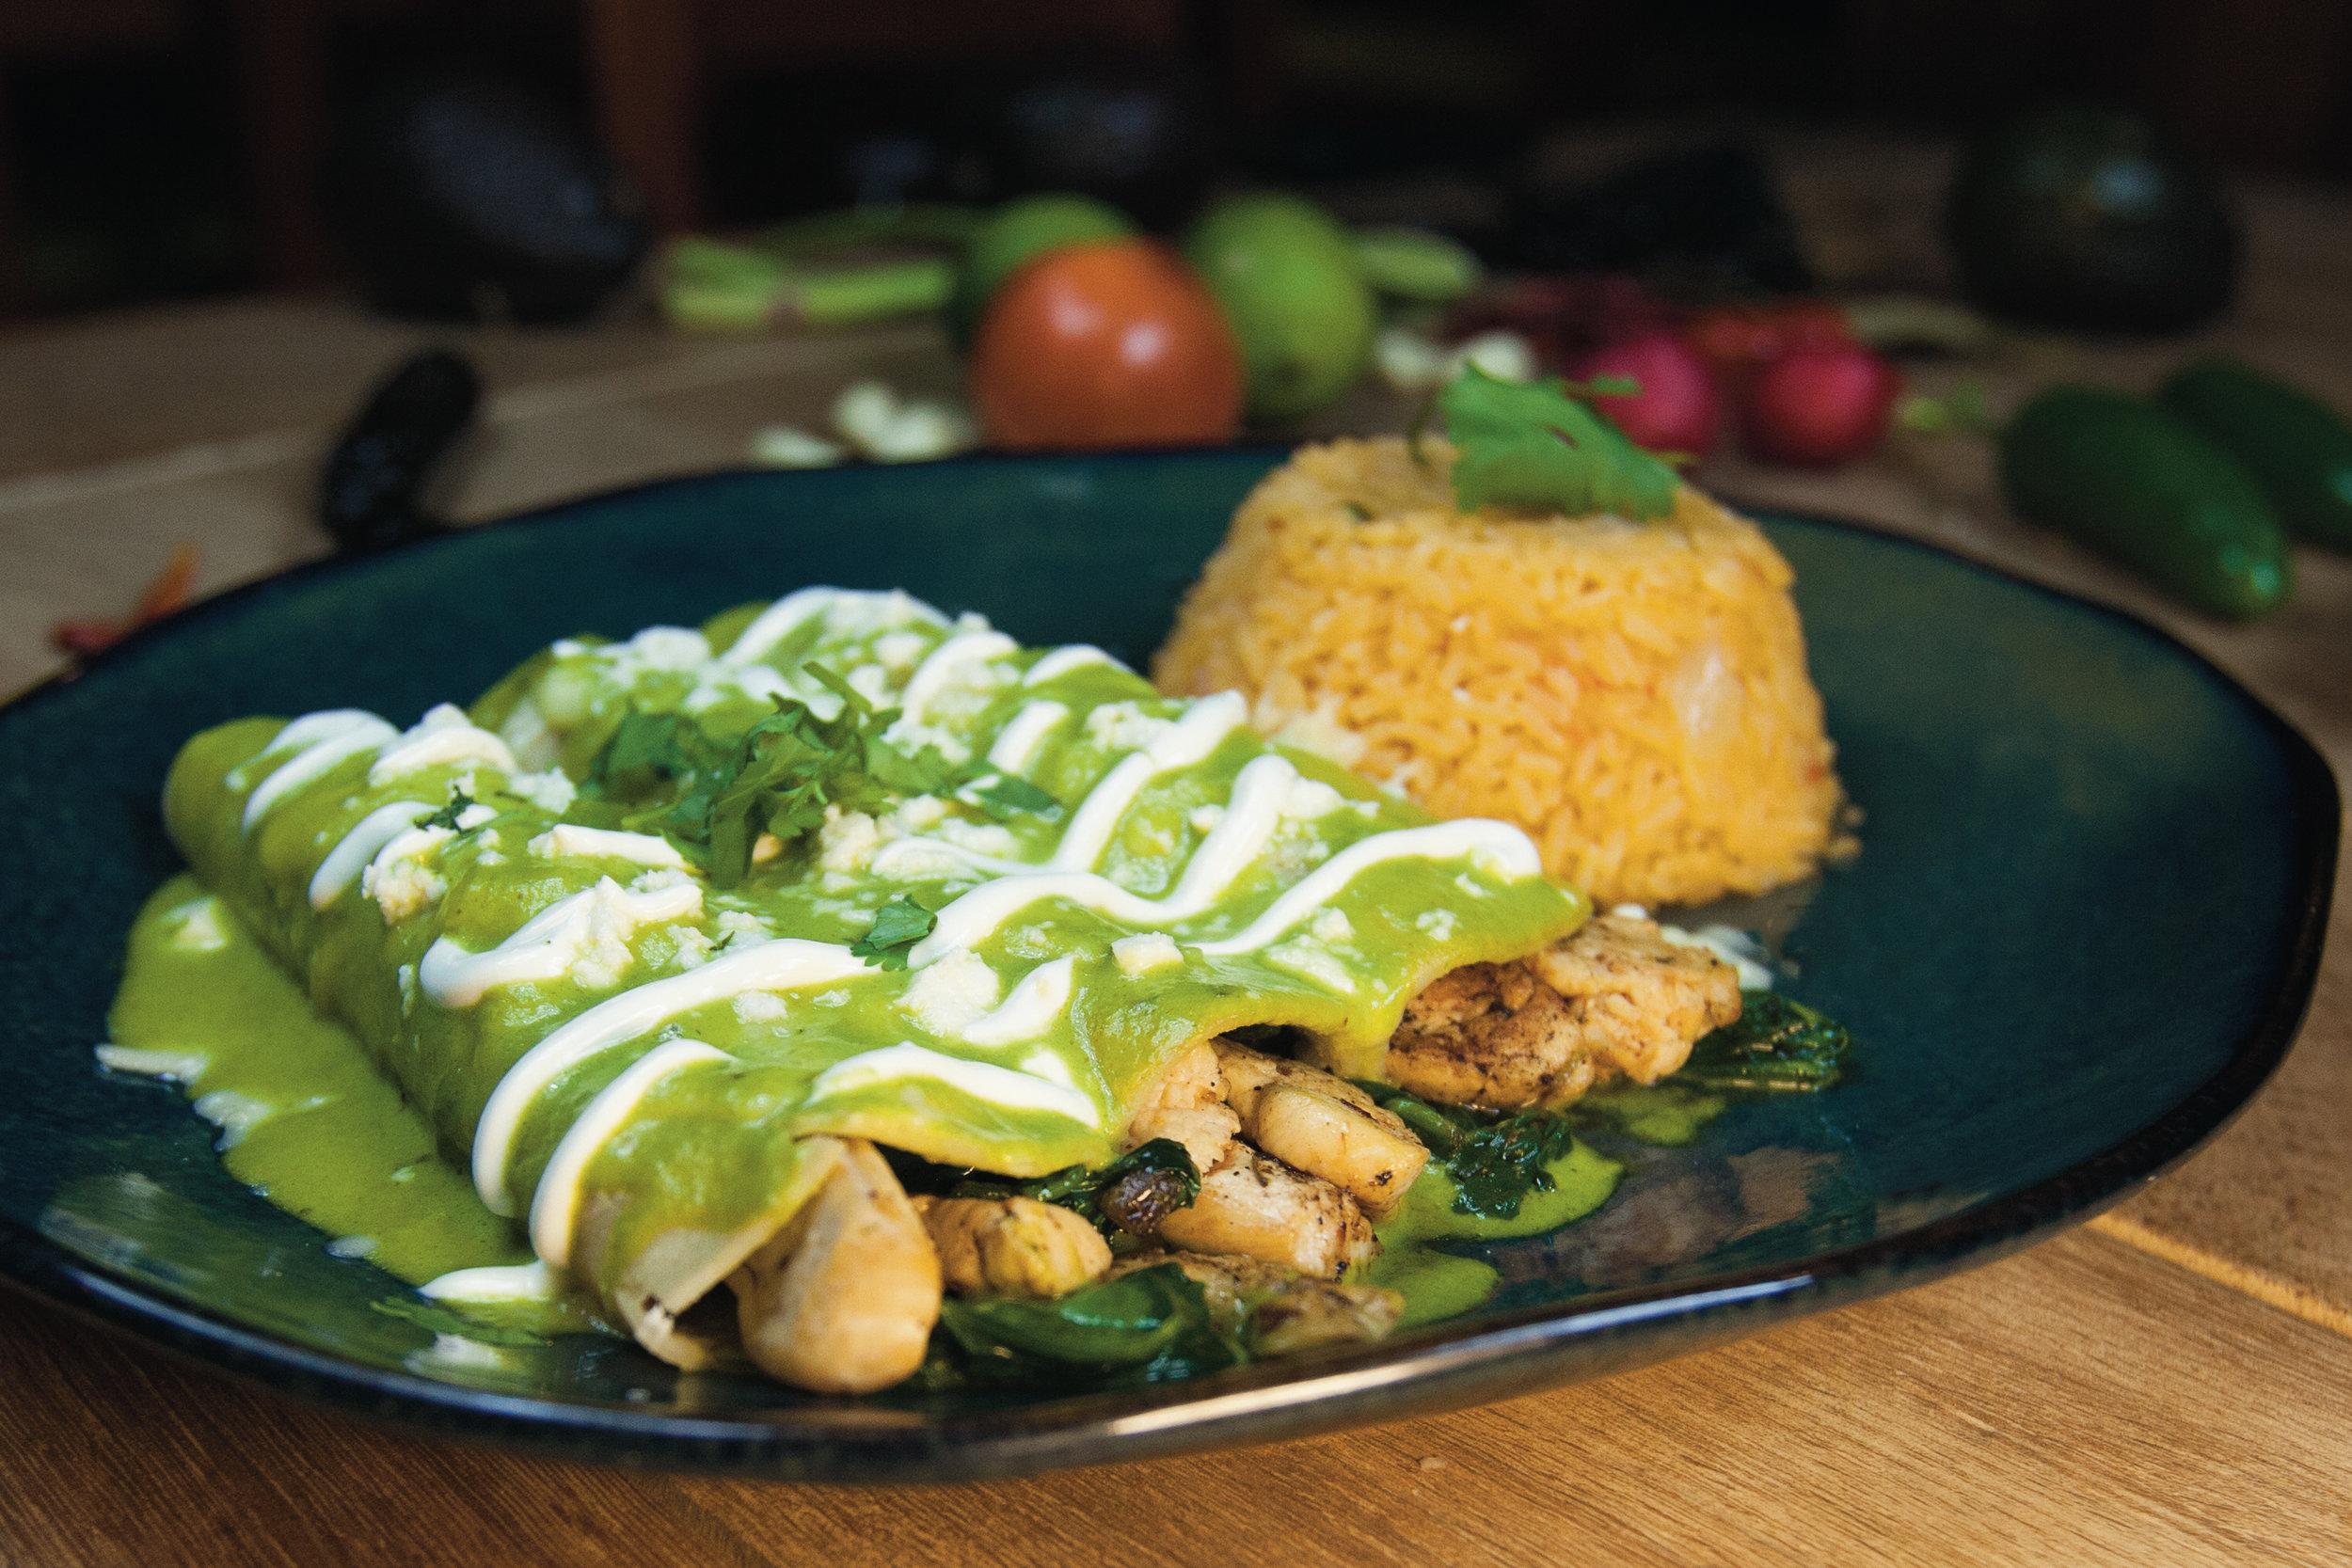 Spinach & Chicken Enchiladas